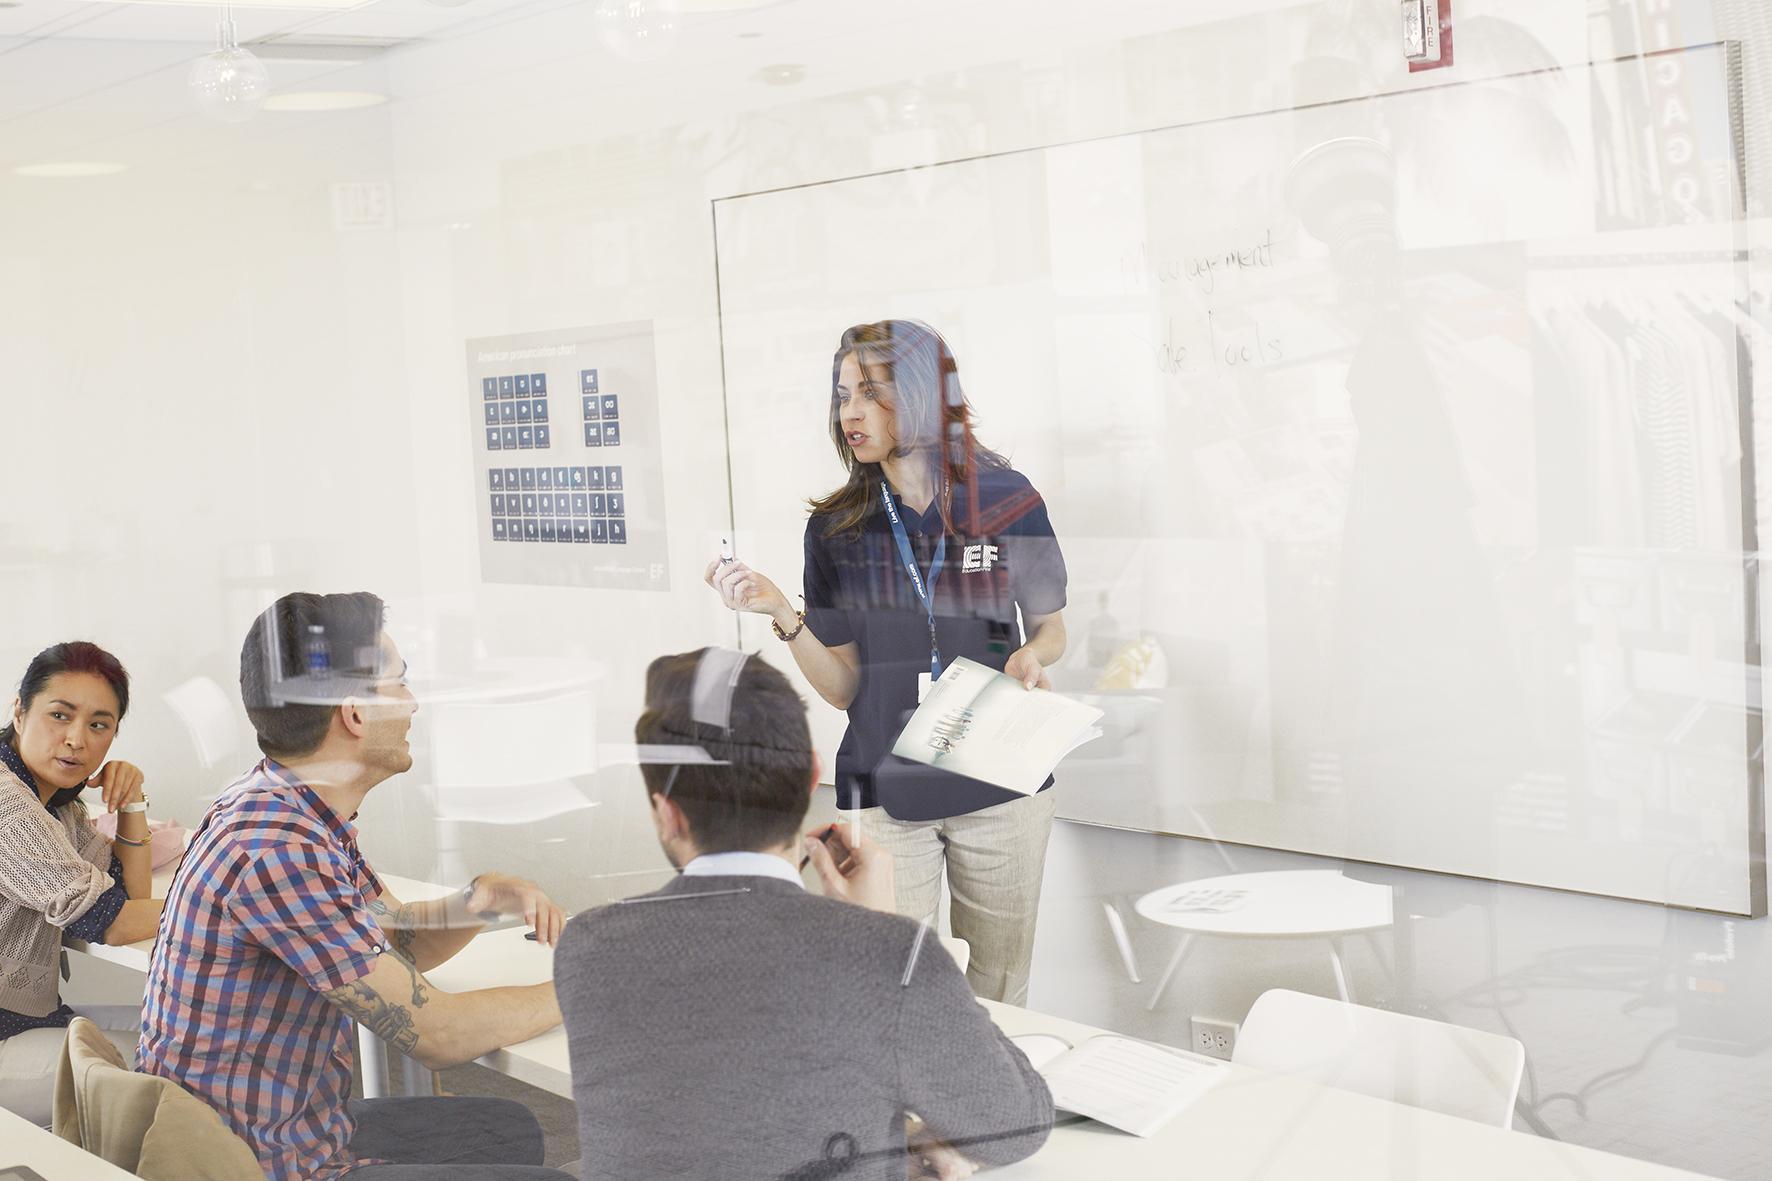 ビジネスで役立つ英語を学びます